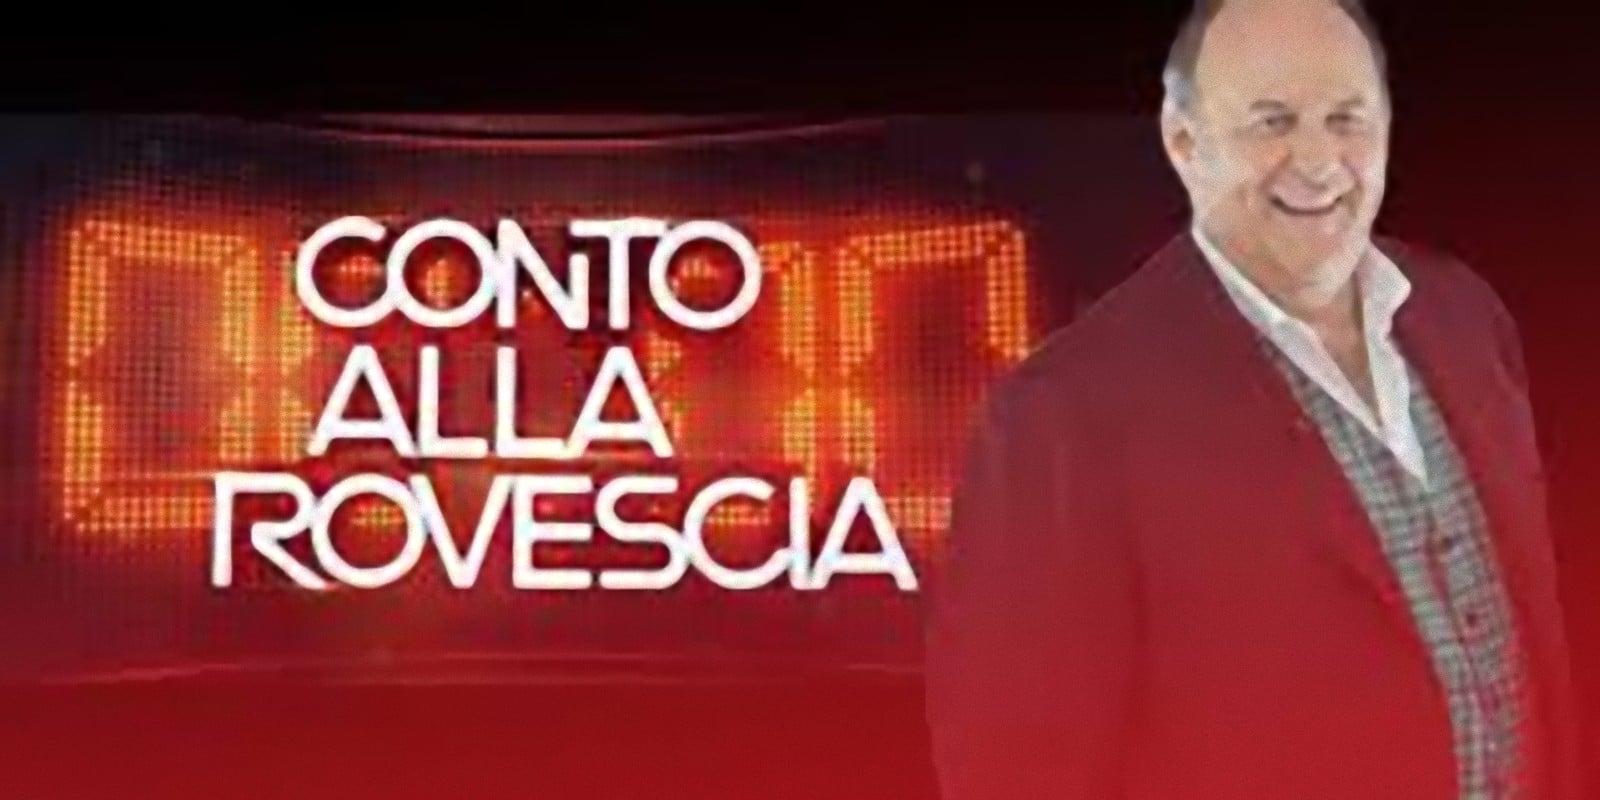 Conto alla Rovescia, Riccardo è ancora campione e mette nei guai Mediaset e Gerry Scotti